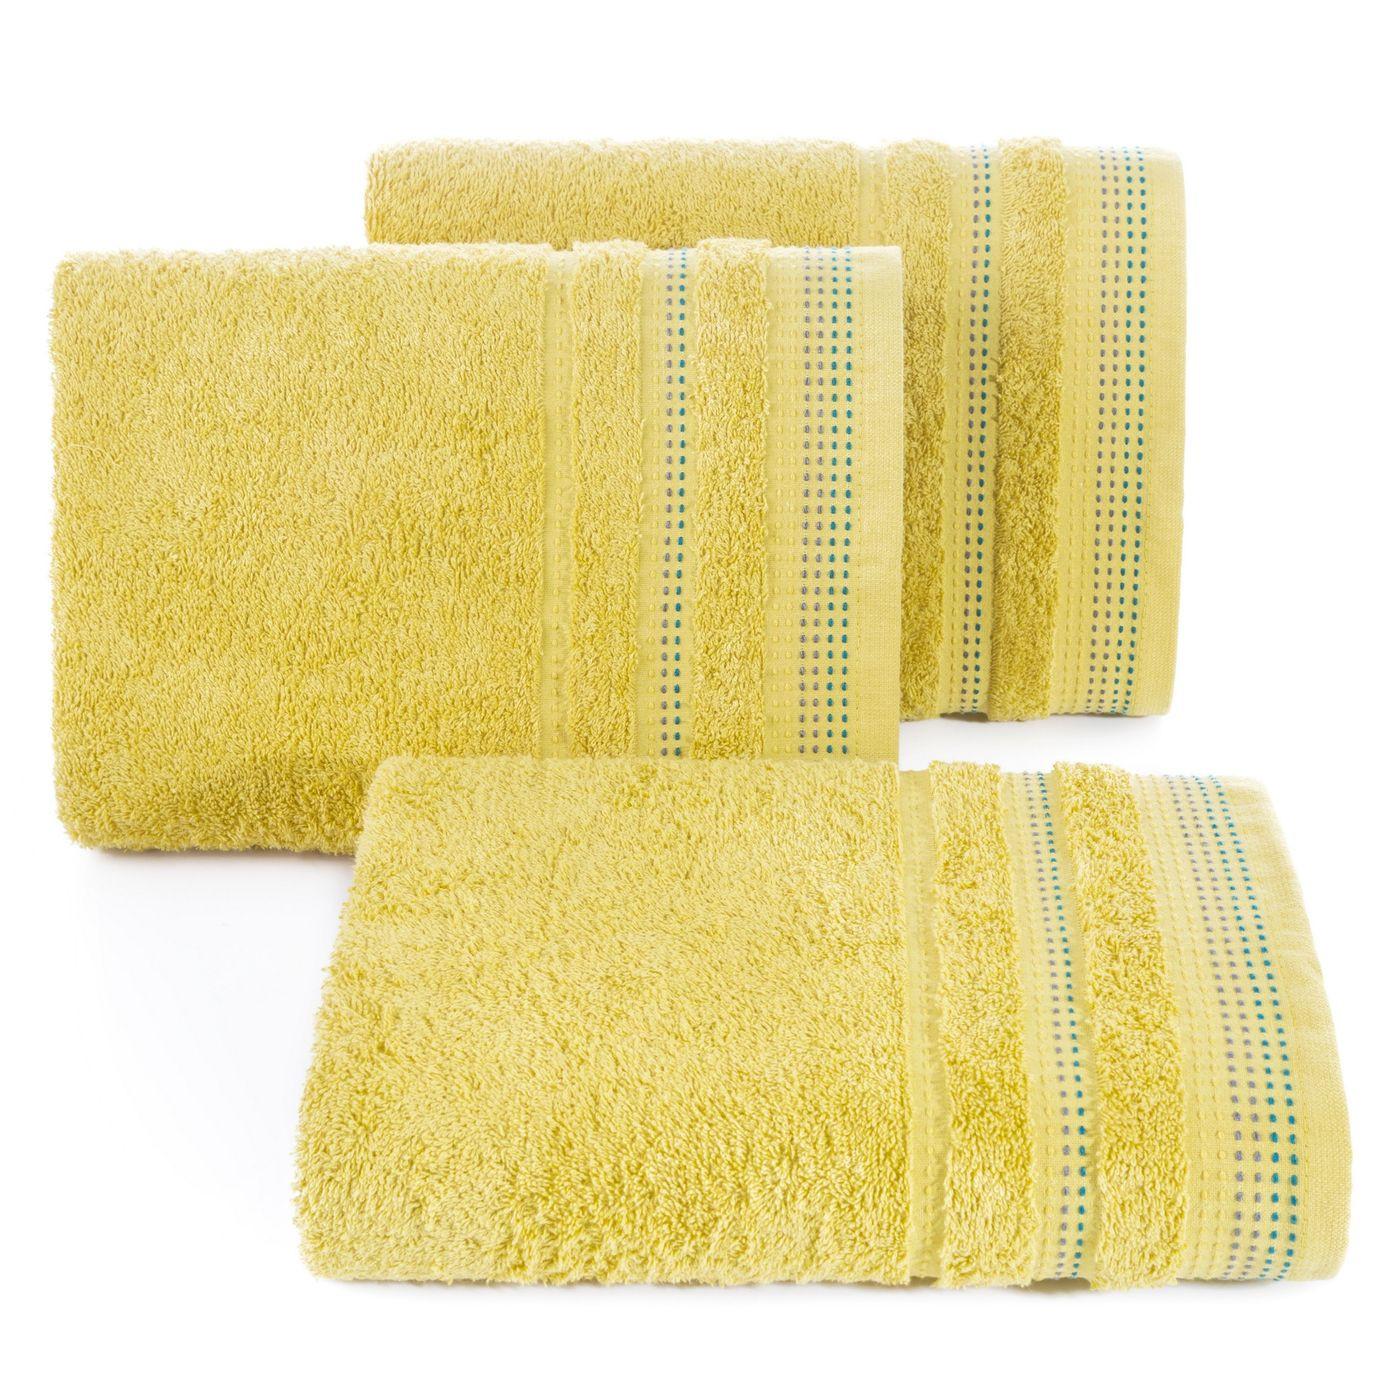 Miękki bawełniany ręcznik kąpielowy 50x90 cm musztardowy